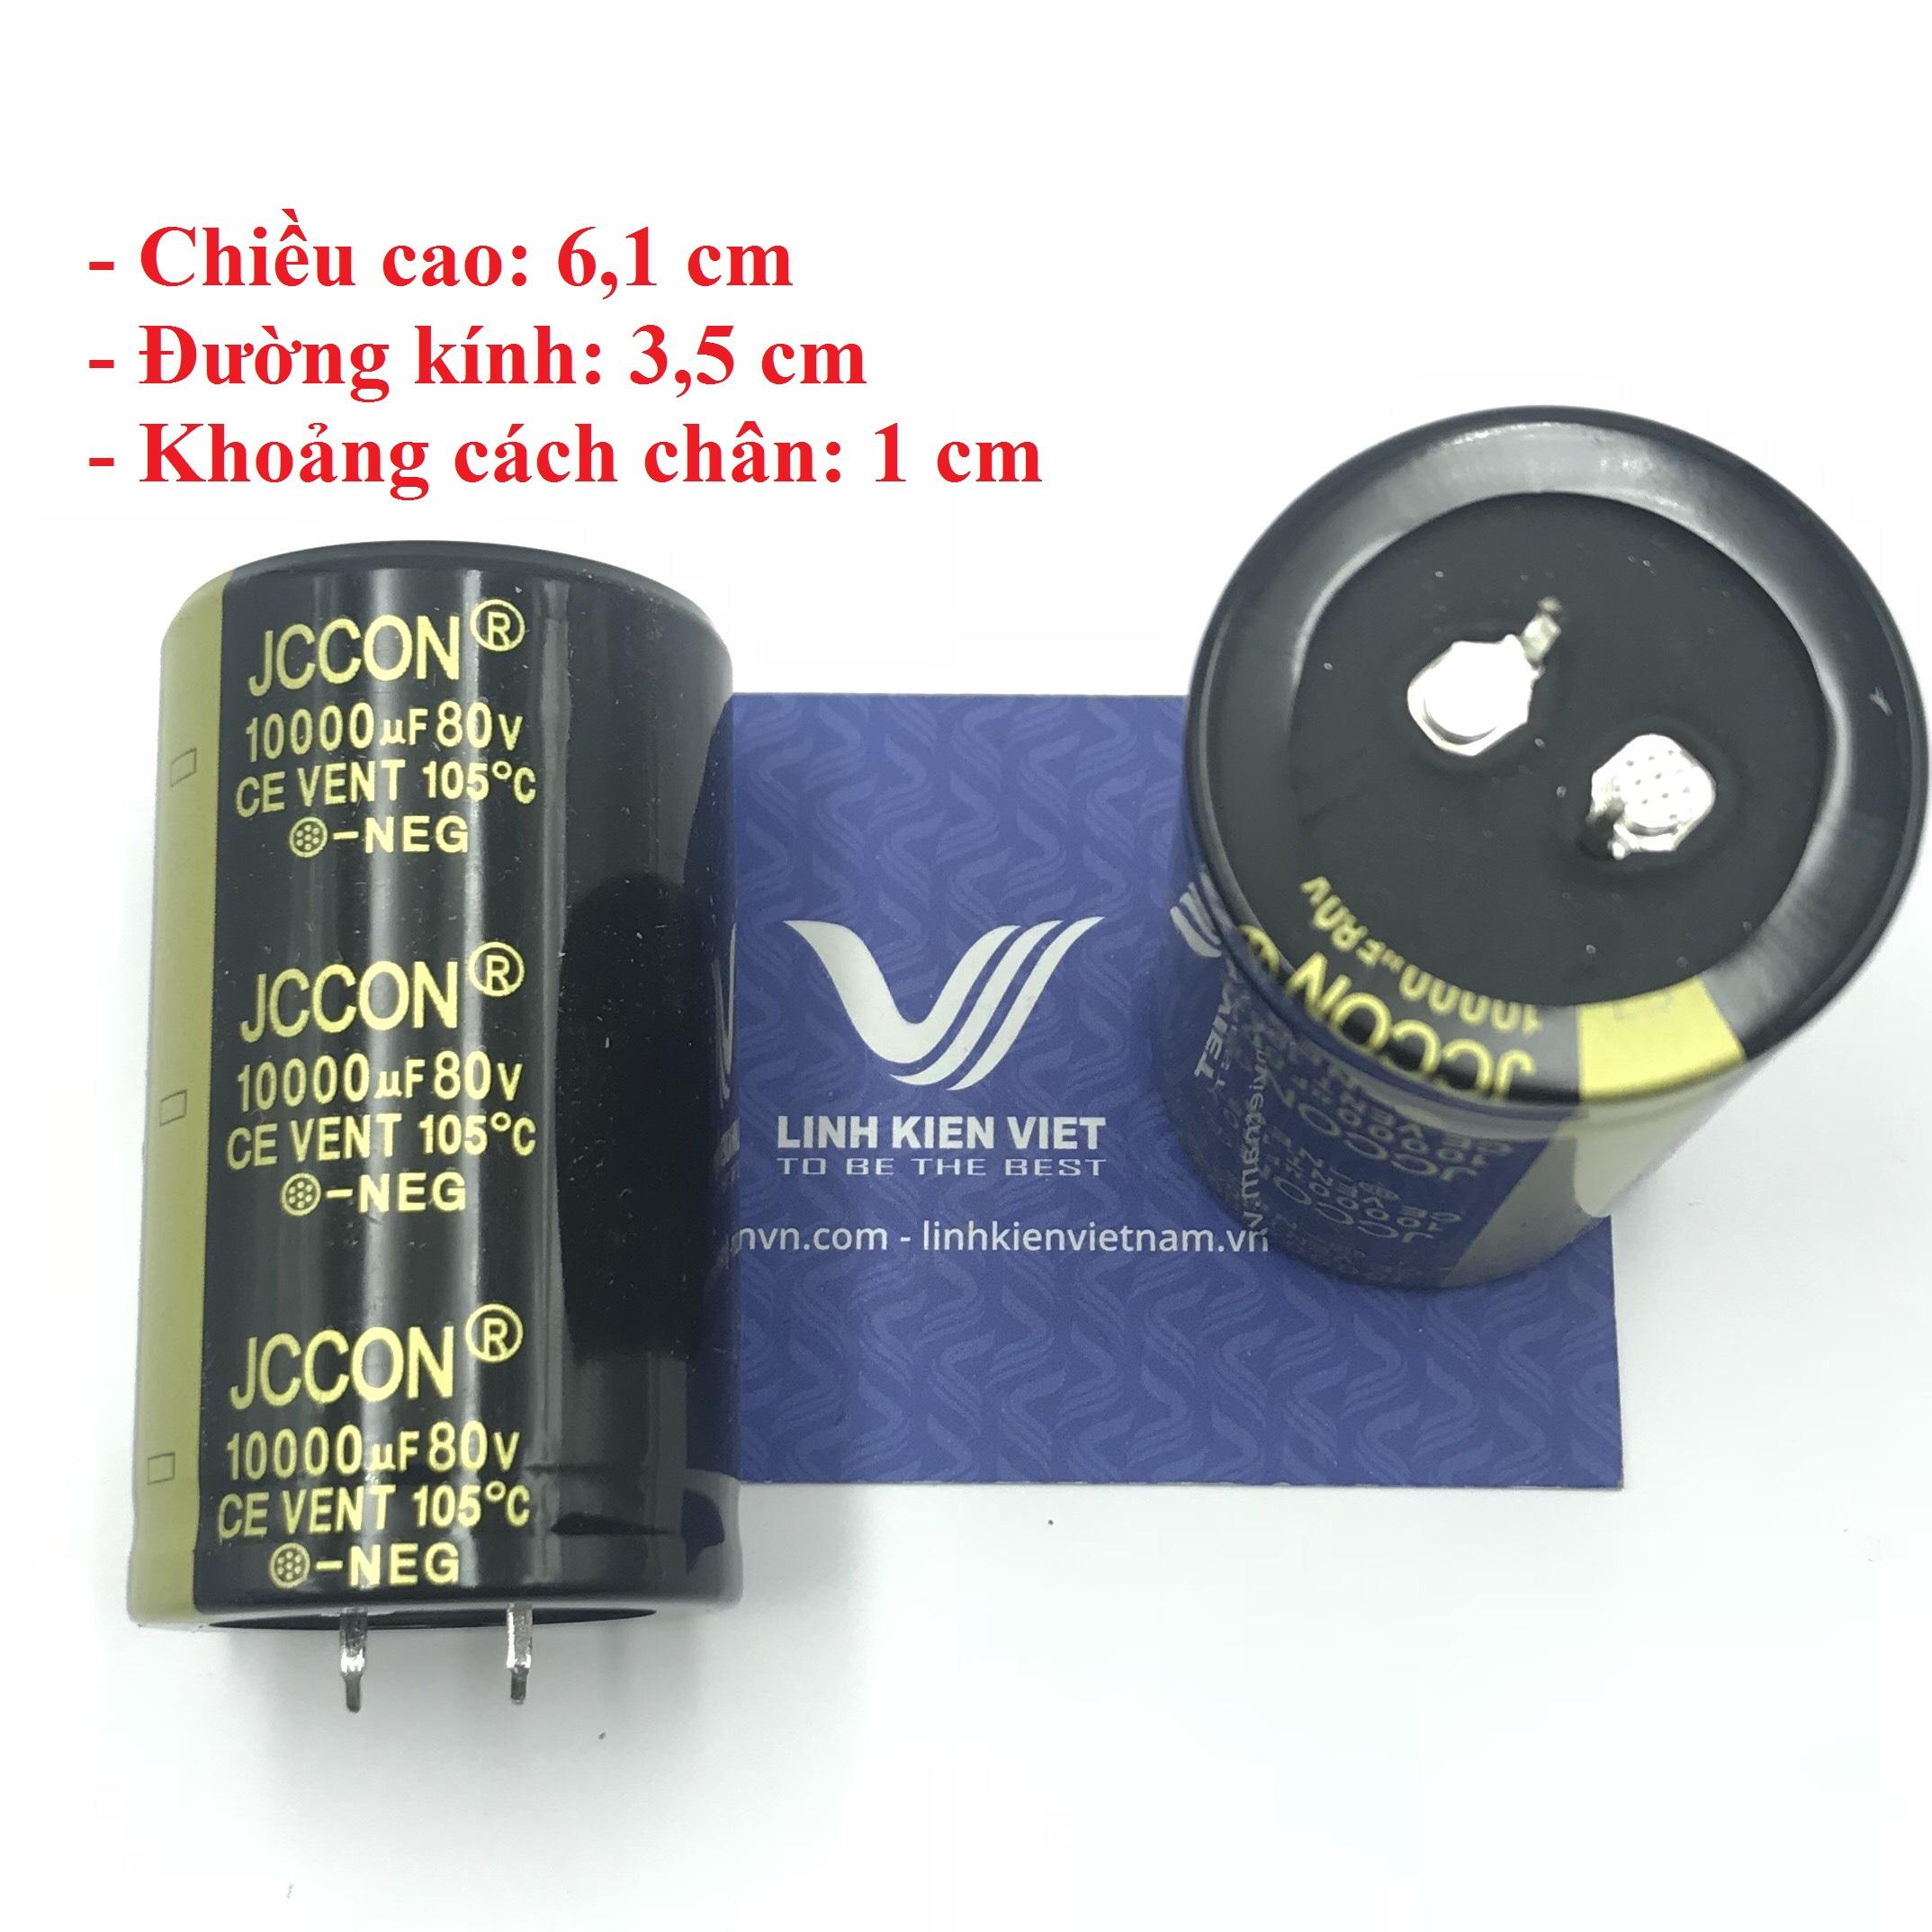 Tụ Hóa JCCON 10000uF 80V loại tốt - X2H10